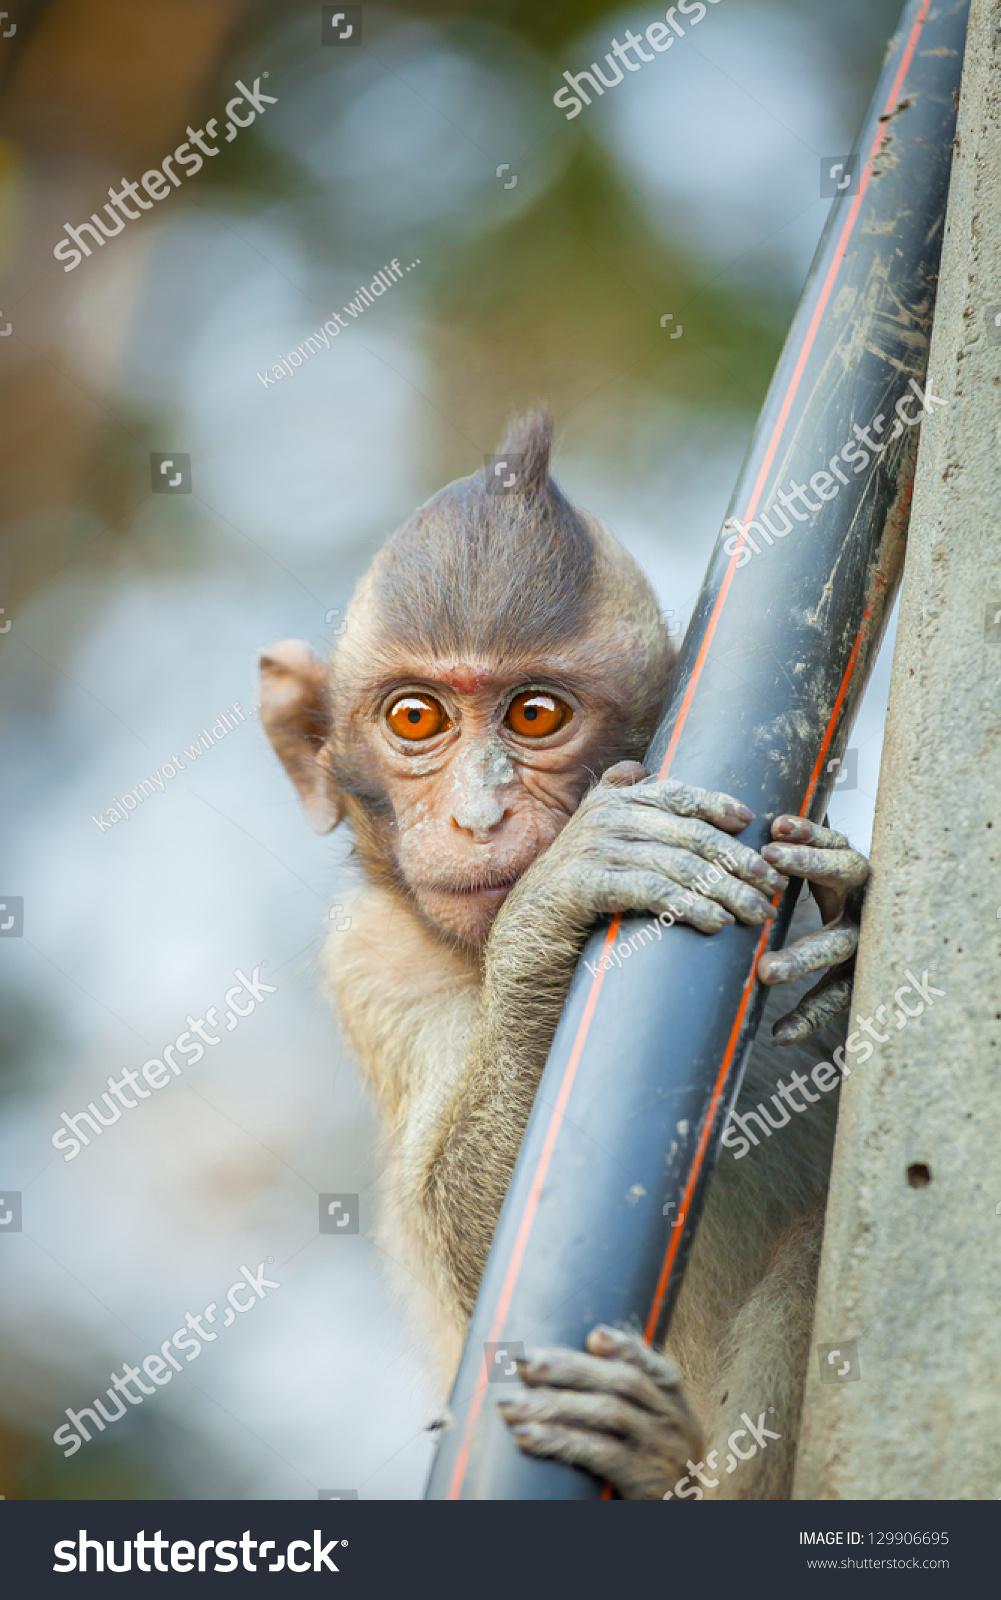 可爱的猴子(长尾猕猴)甜蜜的眼睛-动物/野生生物